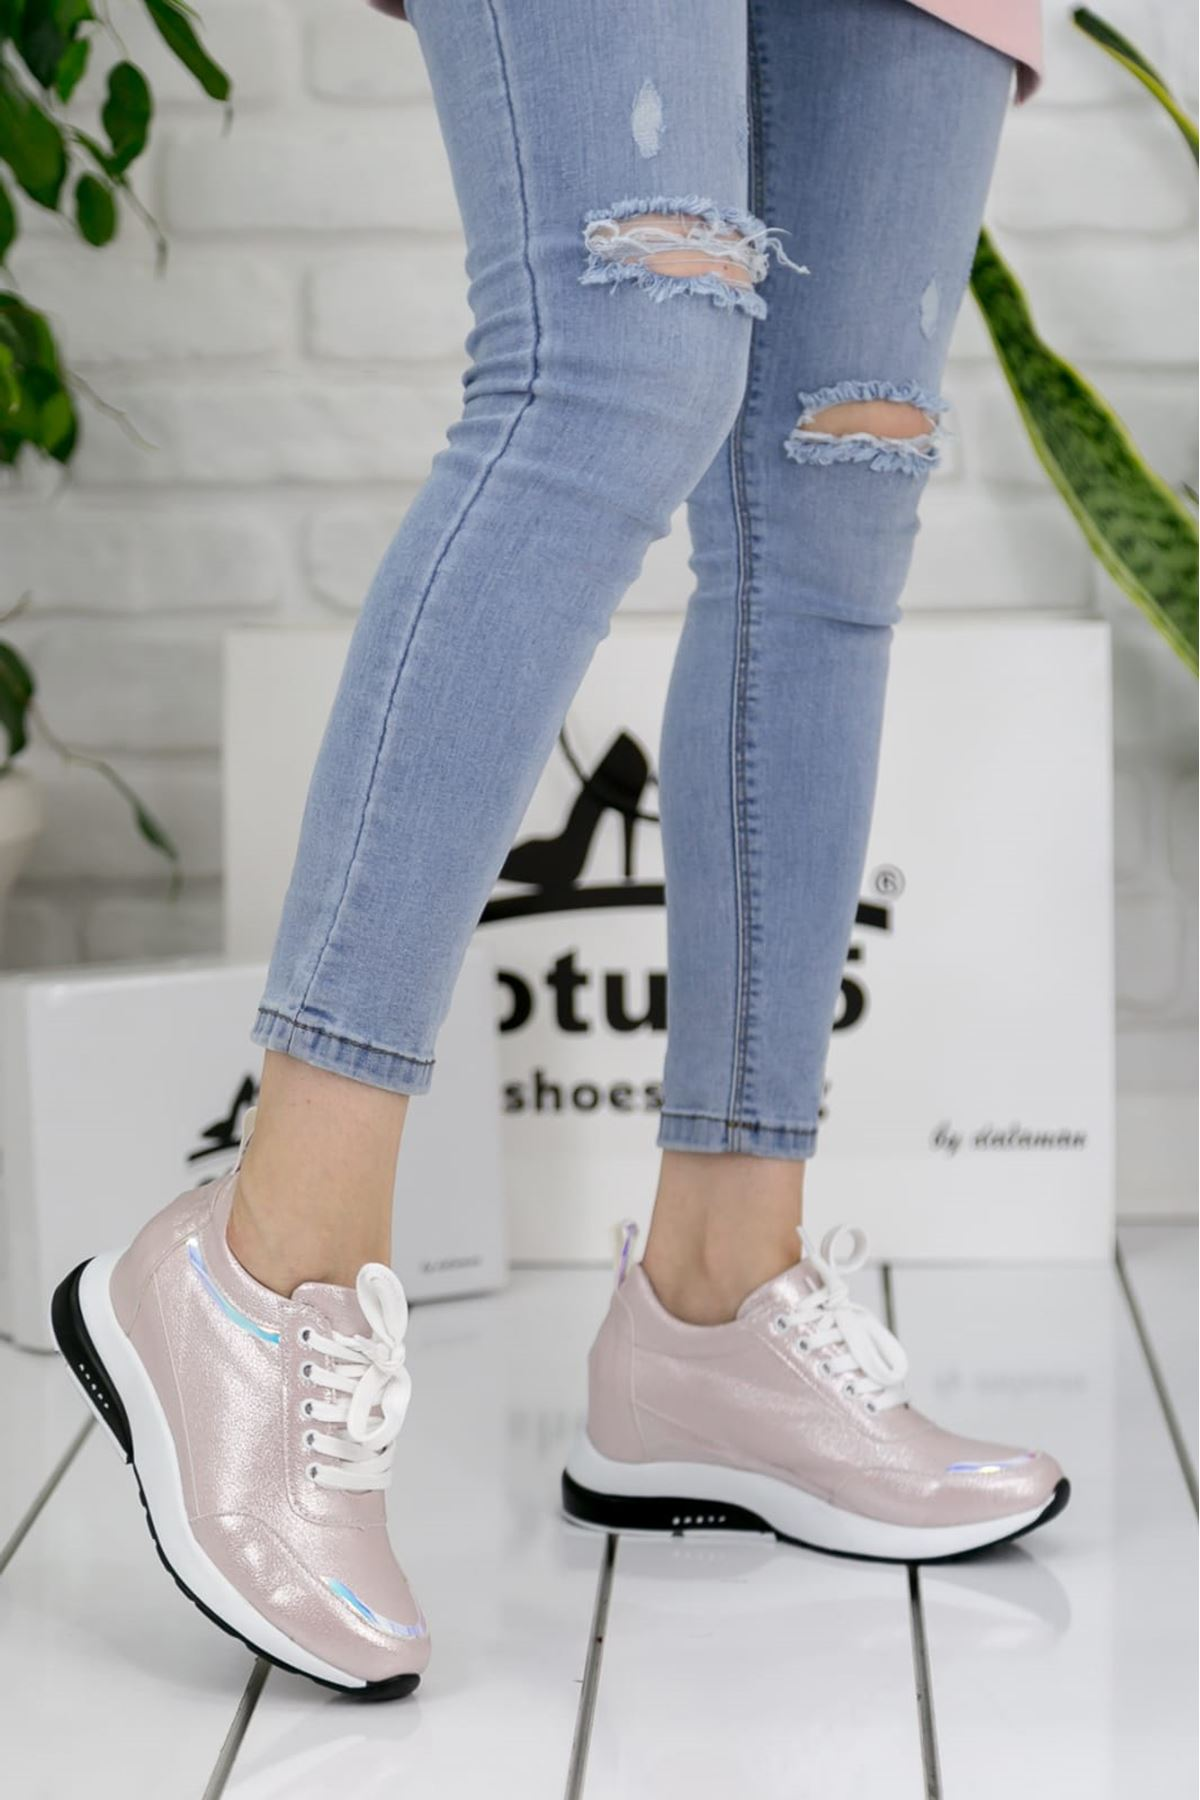 For514 Pudra Simli Bağcık Detaylı Kadın Spor Ayakkabı